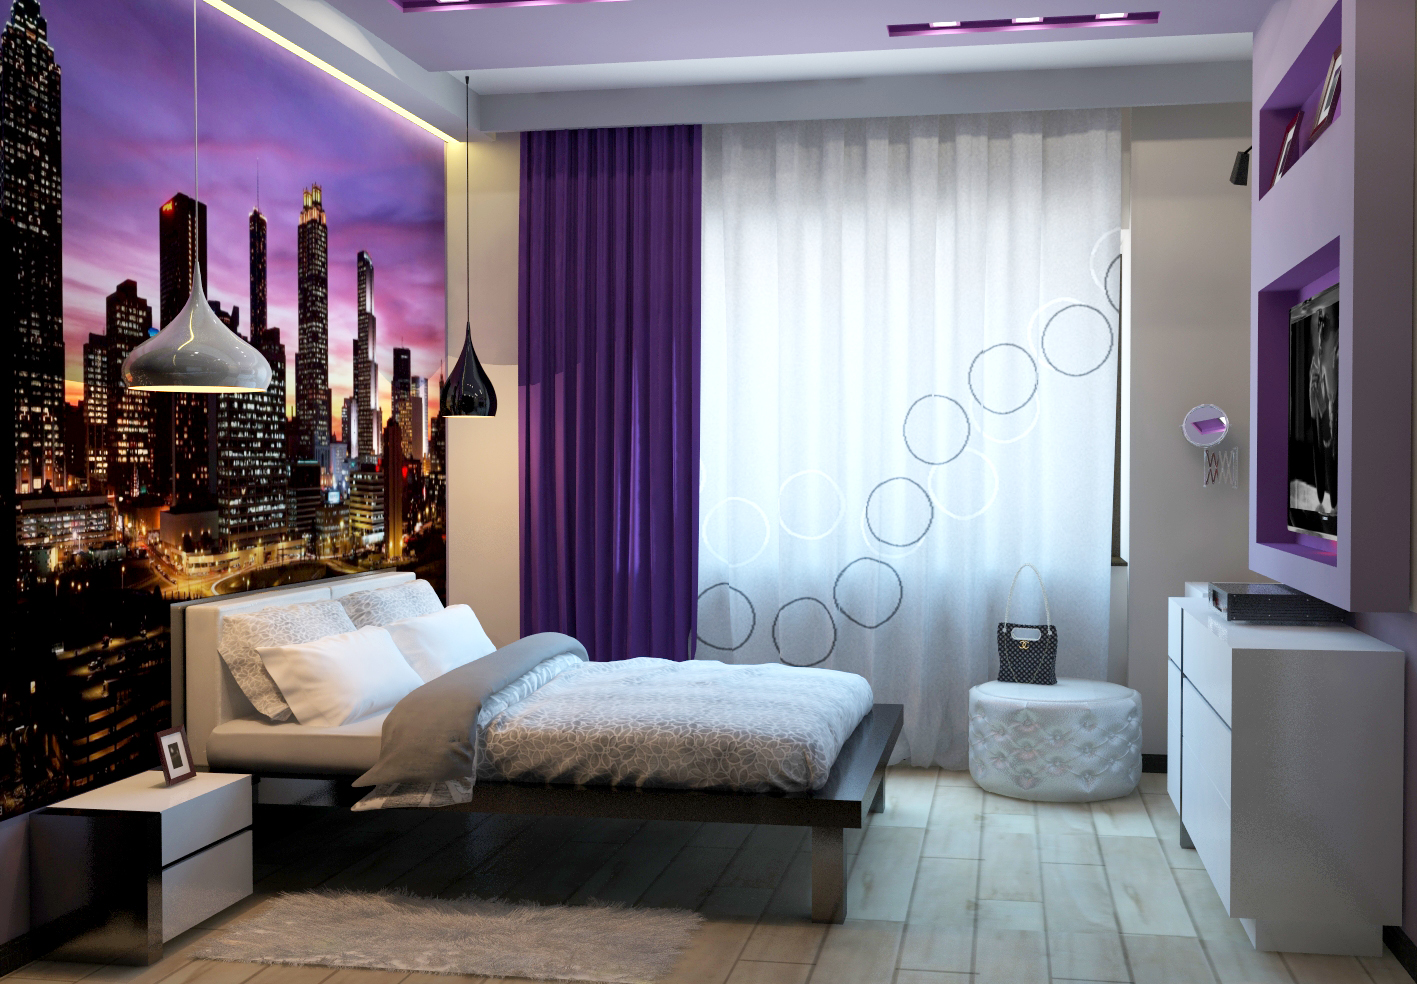 освещение в спальне фото